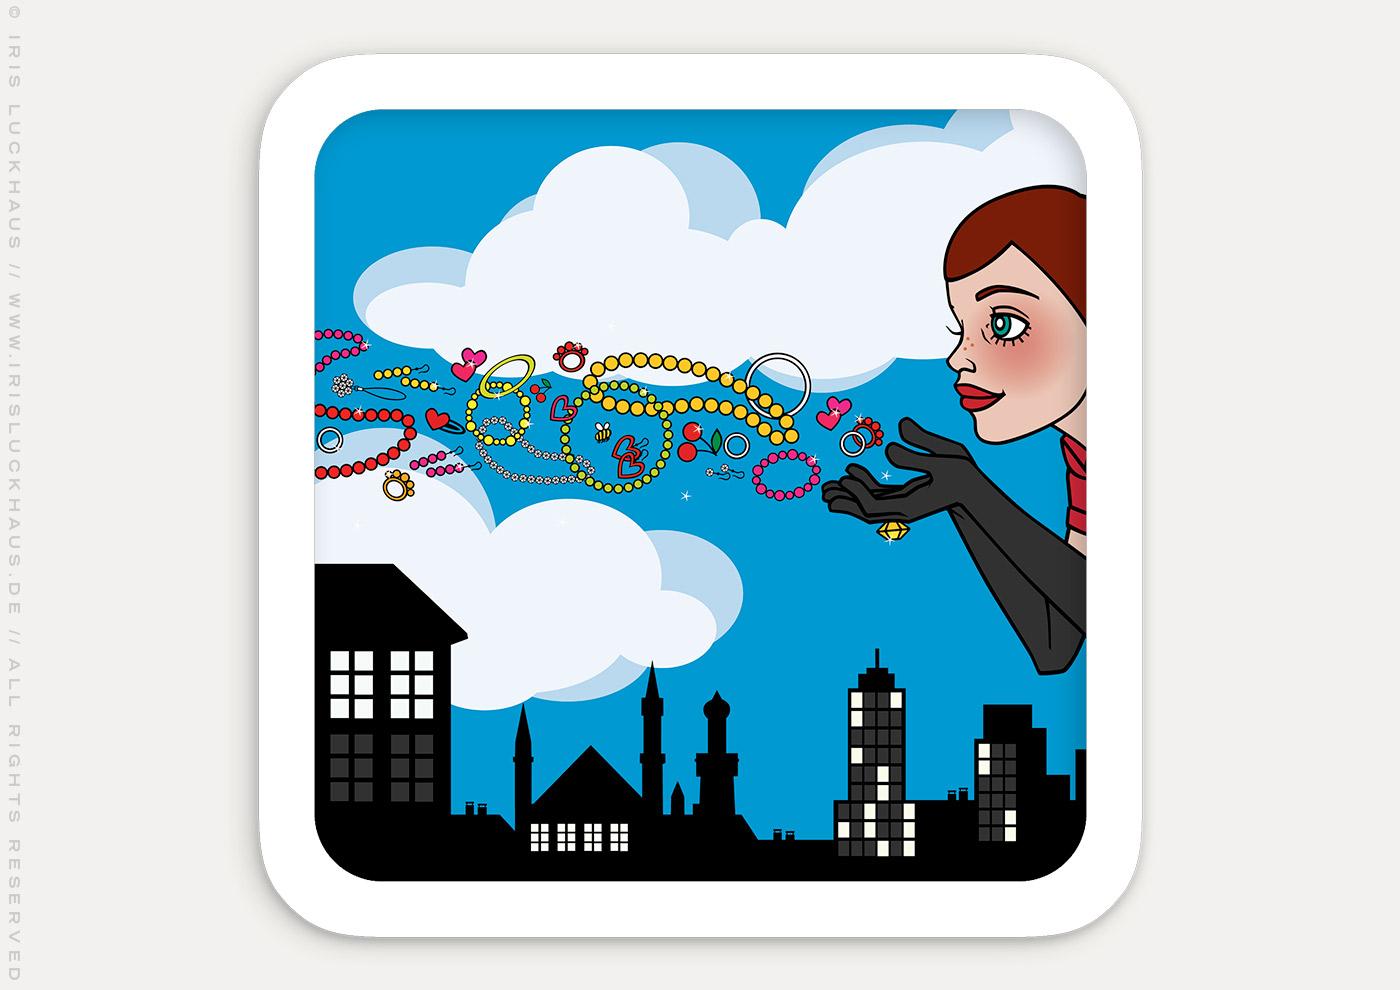 Vektorillustration eines Schmuck pustenden Pinup Mädchens als Superheldin oder Supergirl Sixgirl für Werbung und Dekoration von SIX Accessories